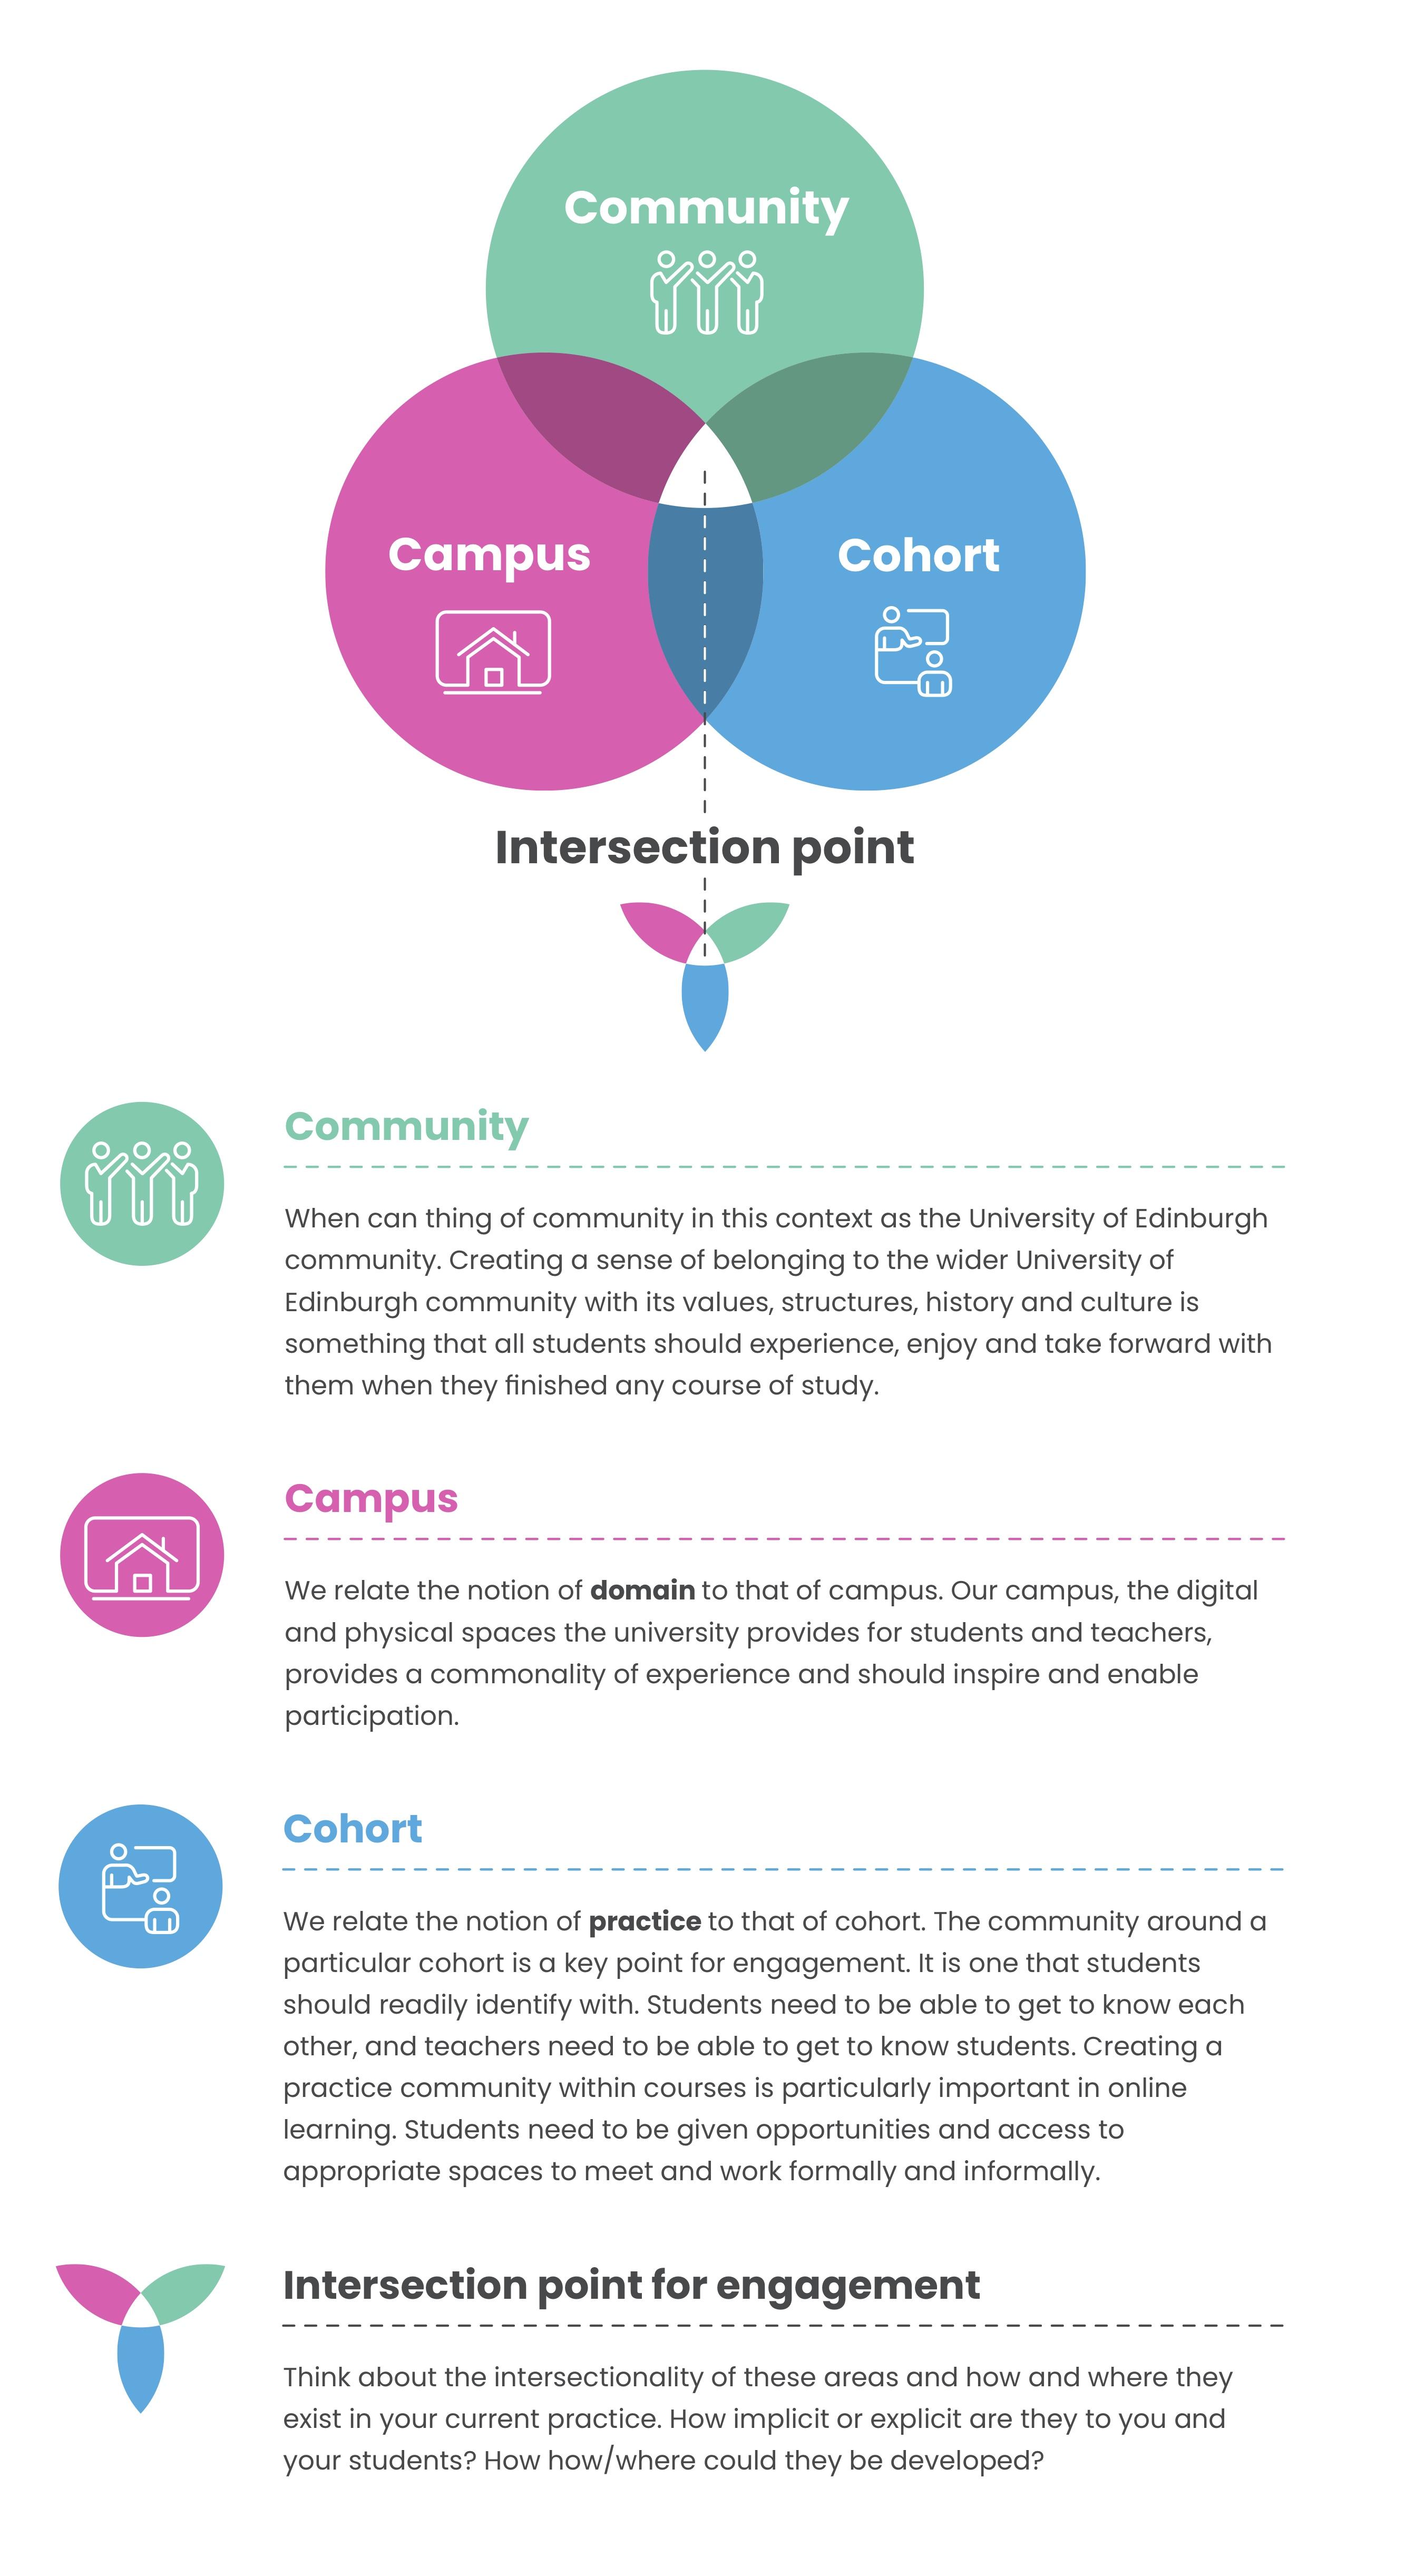 Community, Campus and Cohort